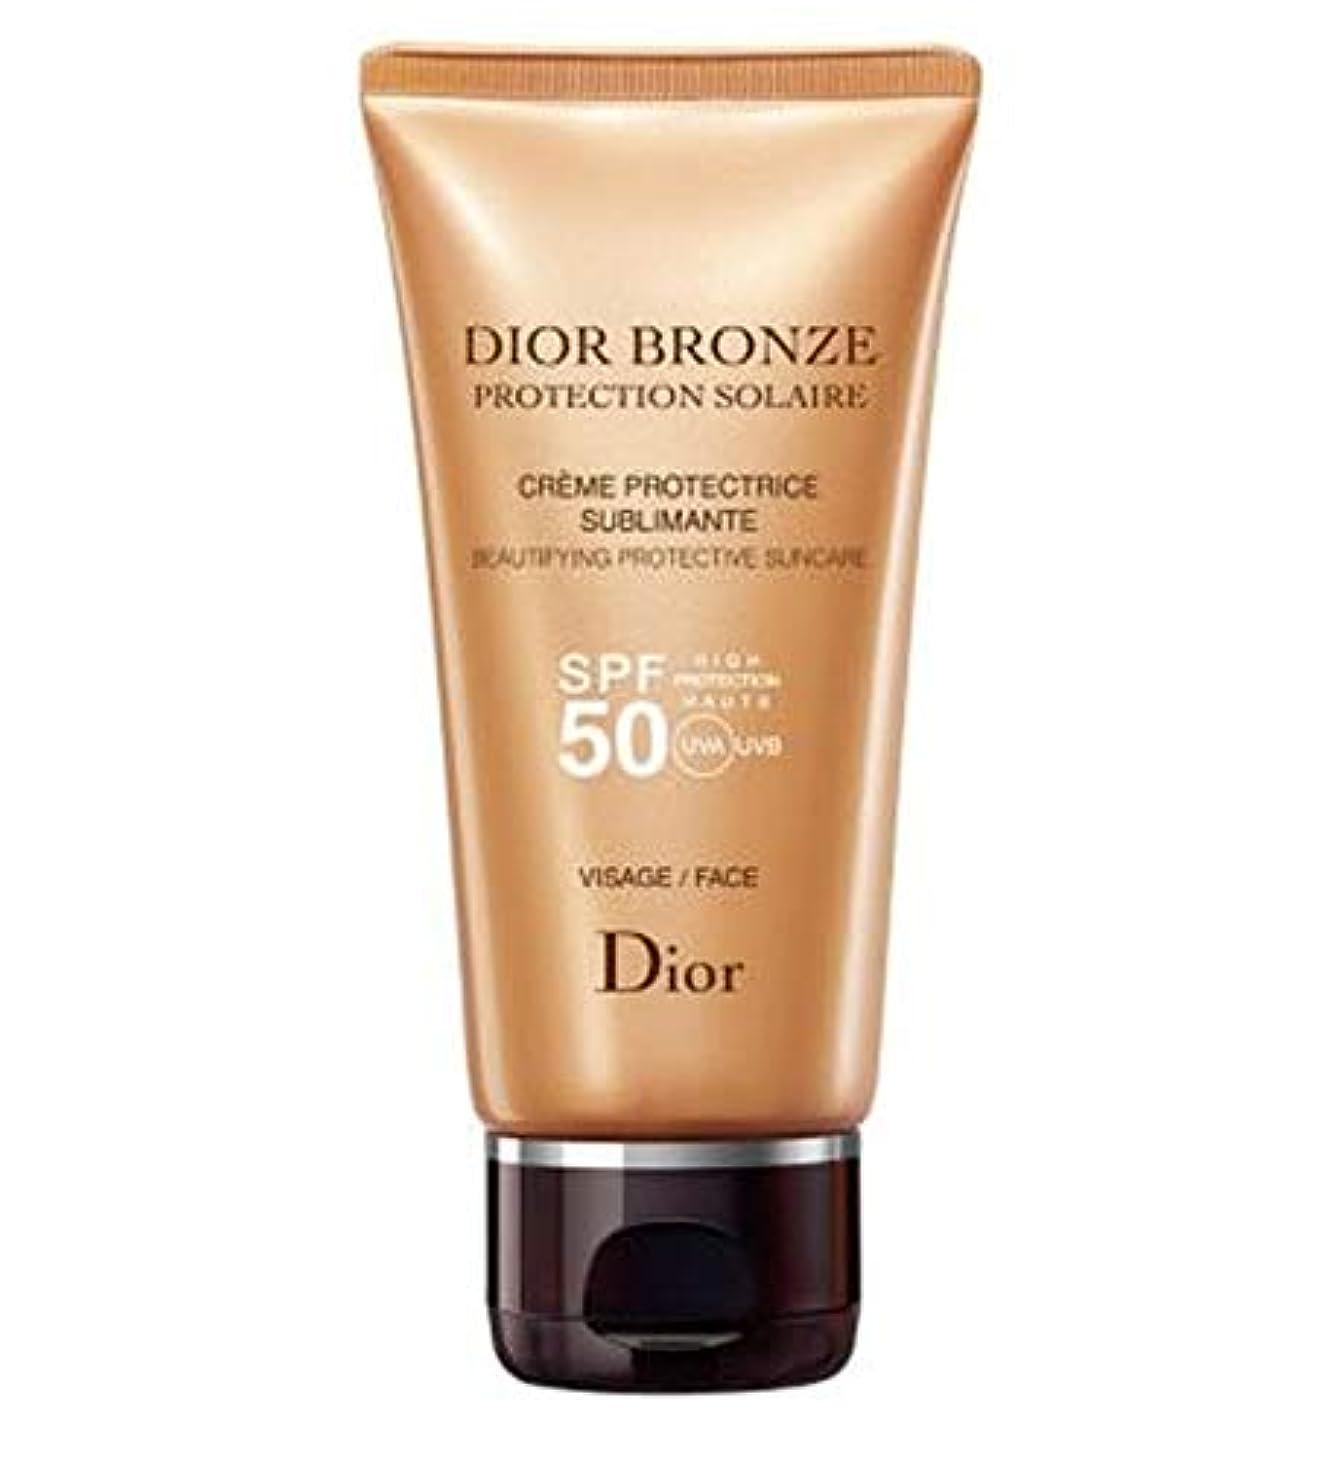 言い直す面積パーセント[Dior] ディオールブロンズ日の保護高い保護クリームSpf50顔 - 50ミリリットル - Dior Bronze Sun Protection High Protection Cream Spf50 Face -...